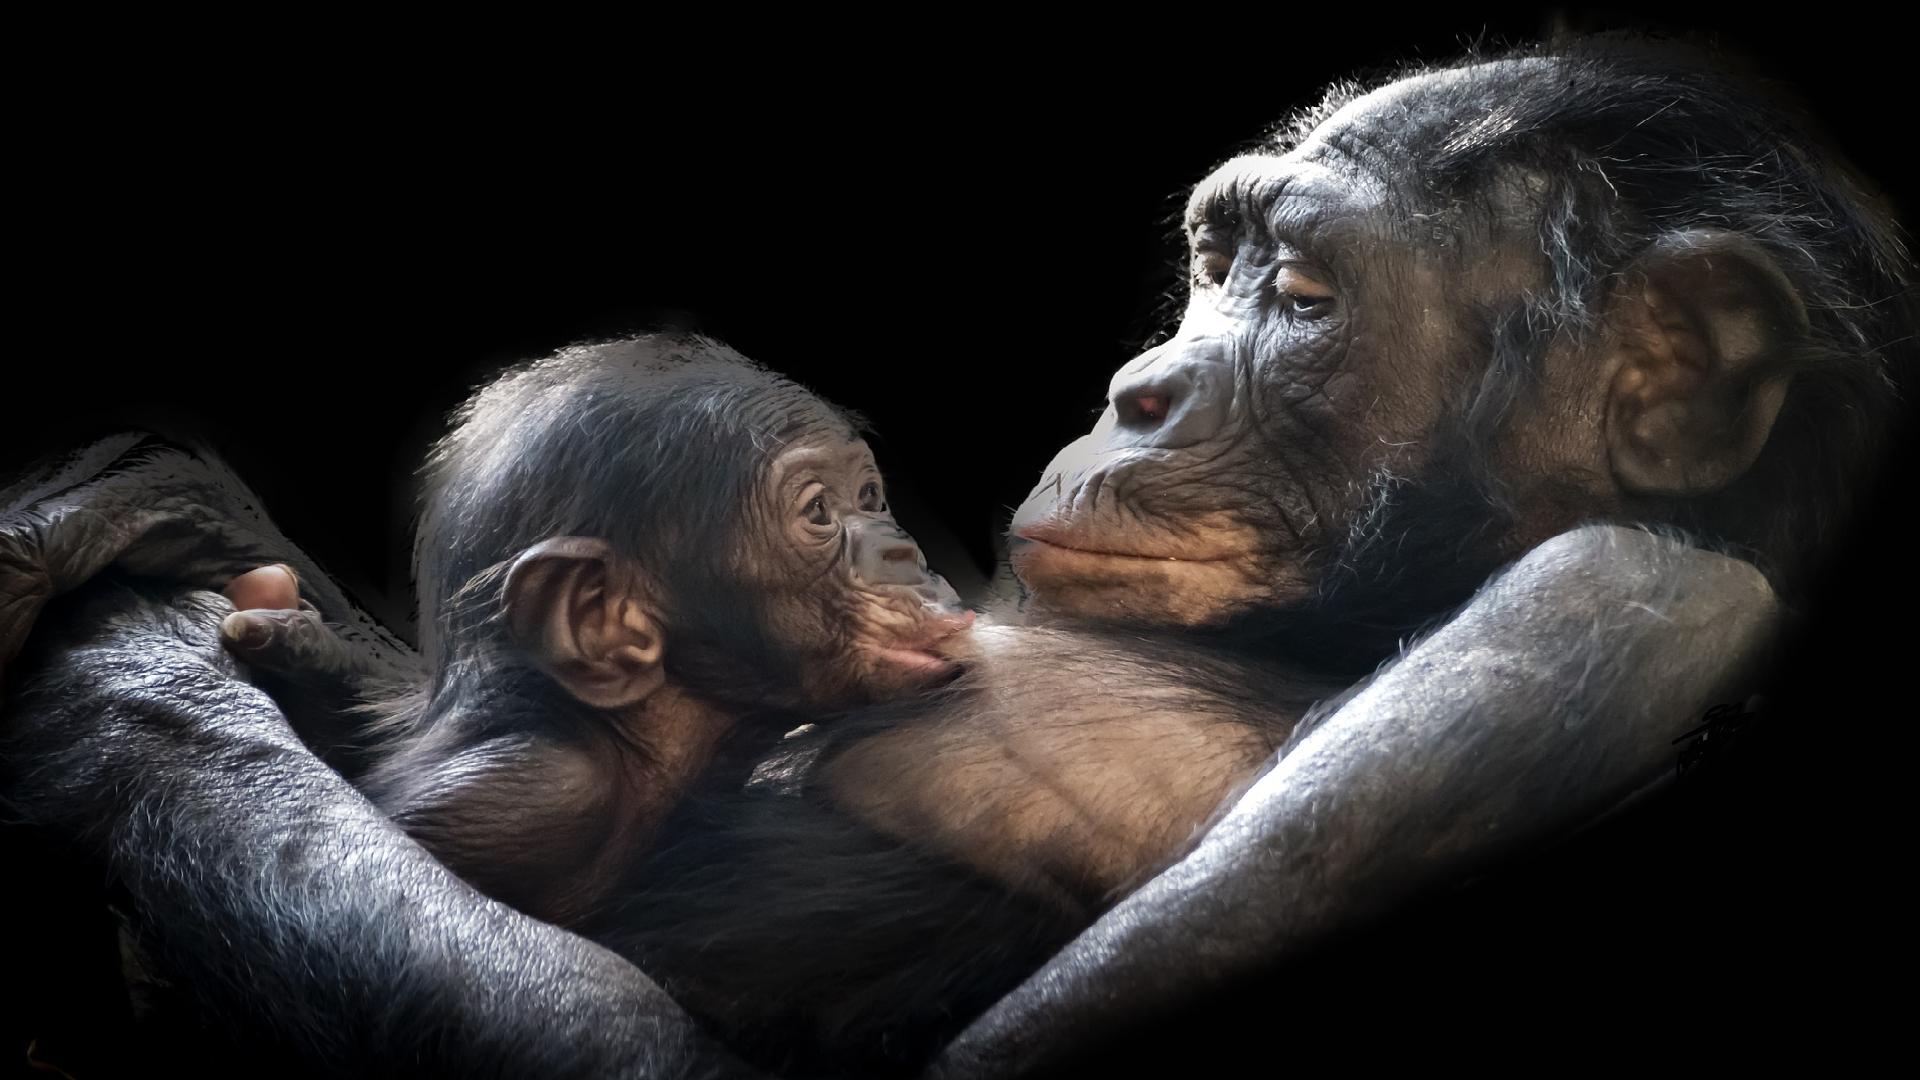 Gorila nížinná je extrémně ohrožený lidoop. Nová kampaň chce zrušit ... 33f312752f